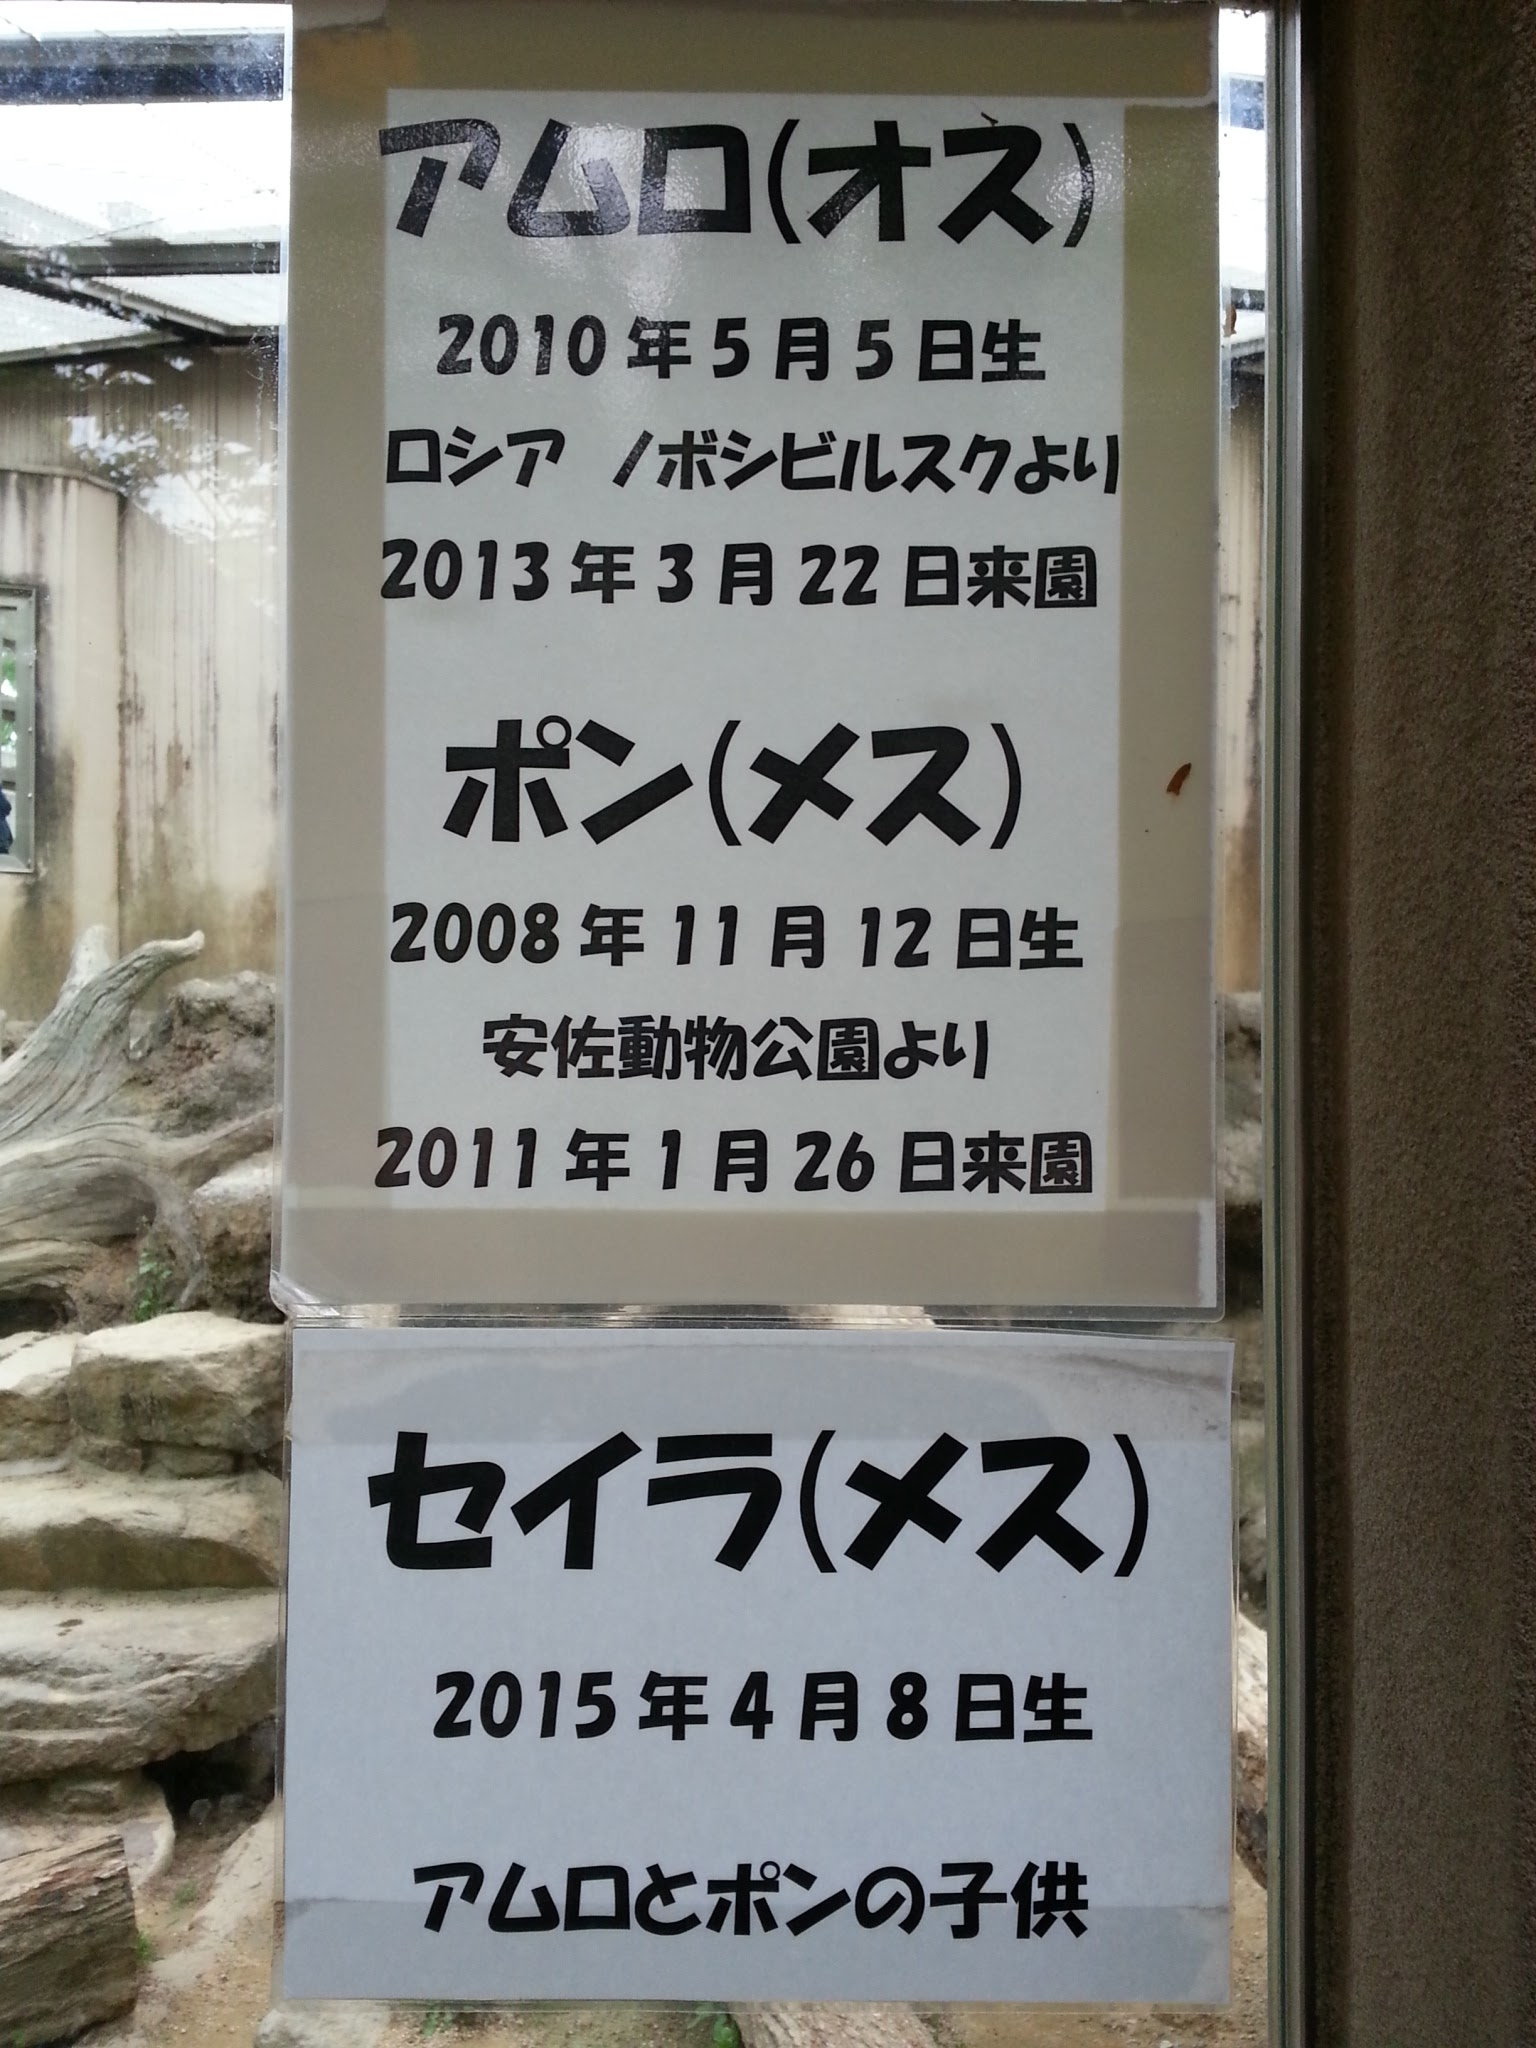 20160501_王子動物園ヒョウの名前(アムロ・セイラ)